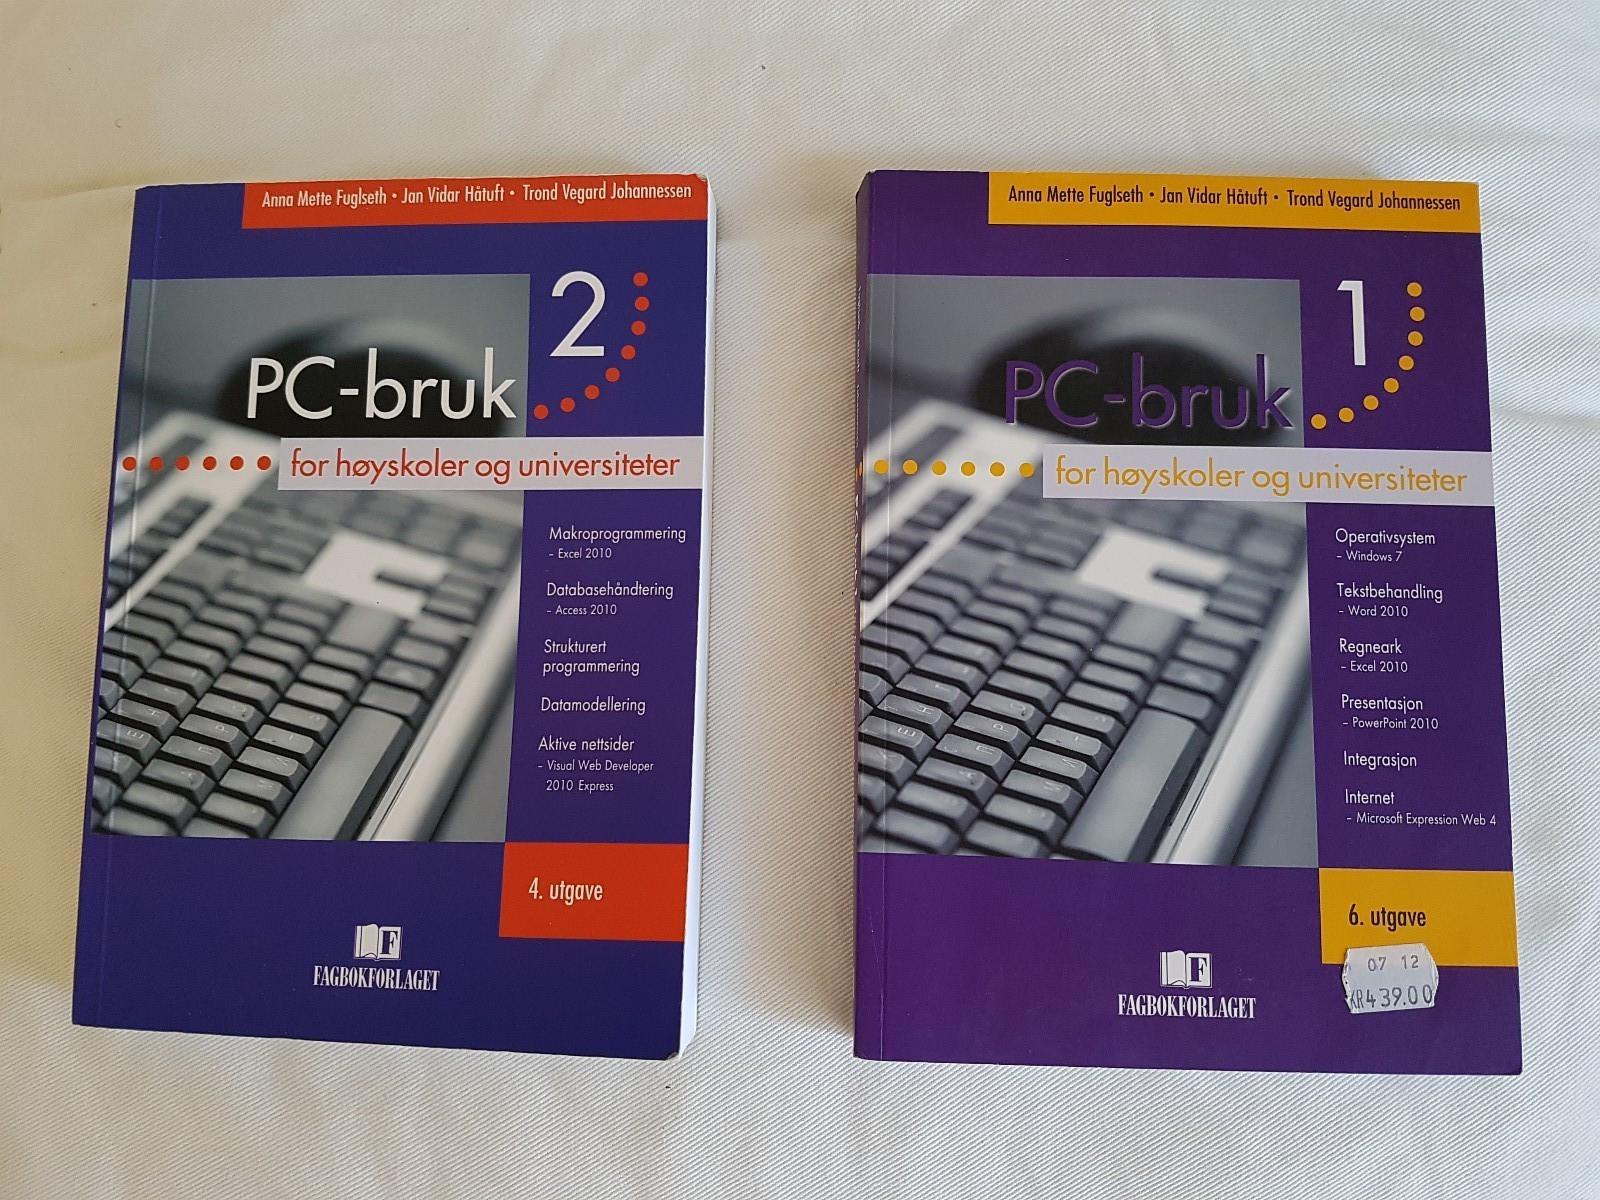 PC bruk 1 og PC bruk 2 - Oslo  - PC-bruk 1 : 6 utgave PC-bruk 2 : 4 utgave - Oslo